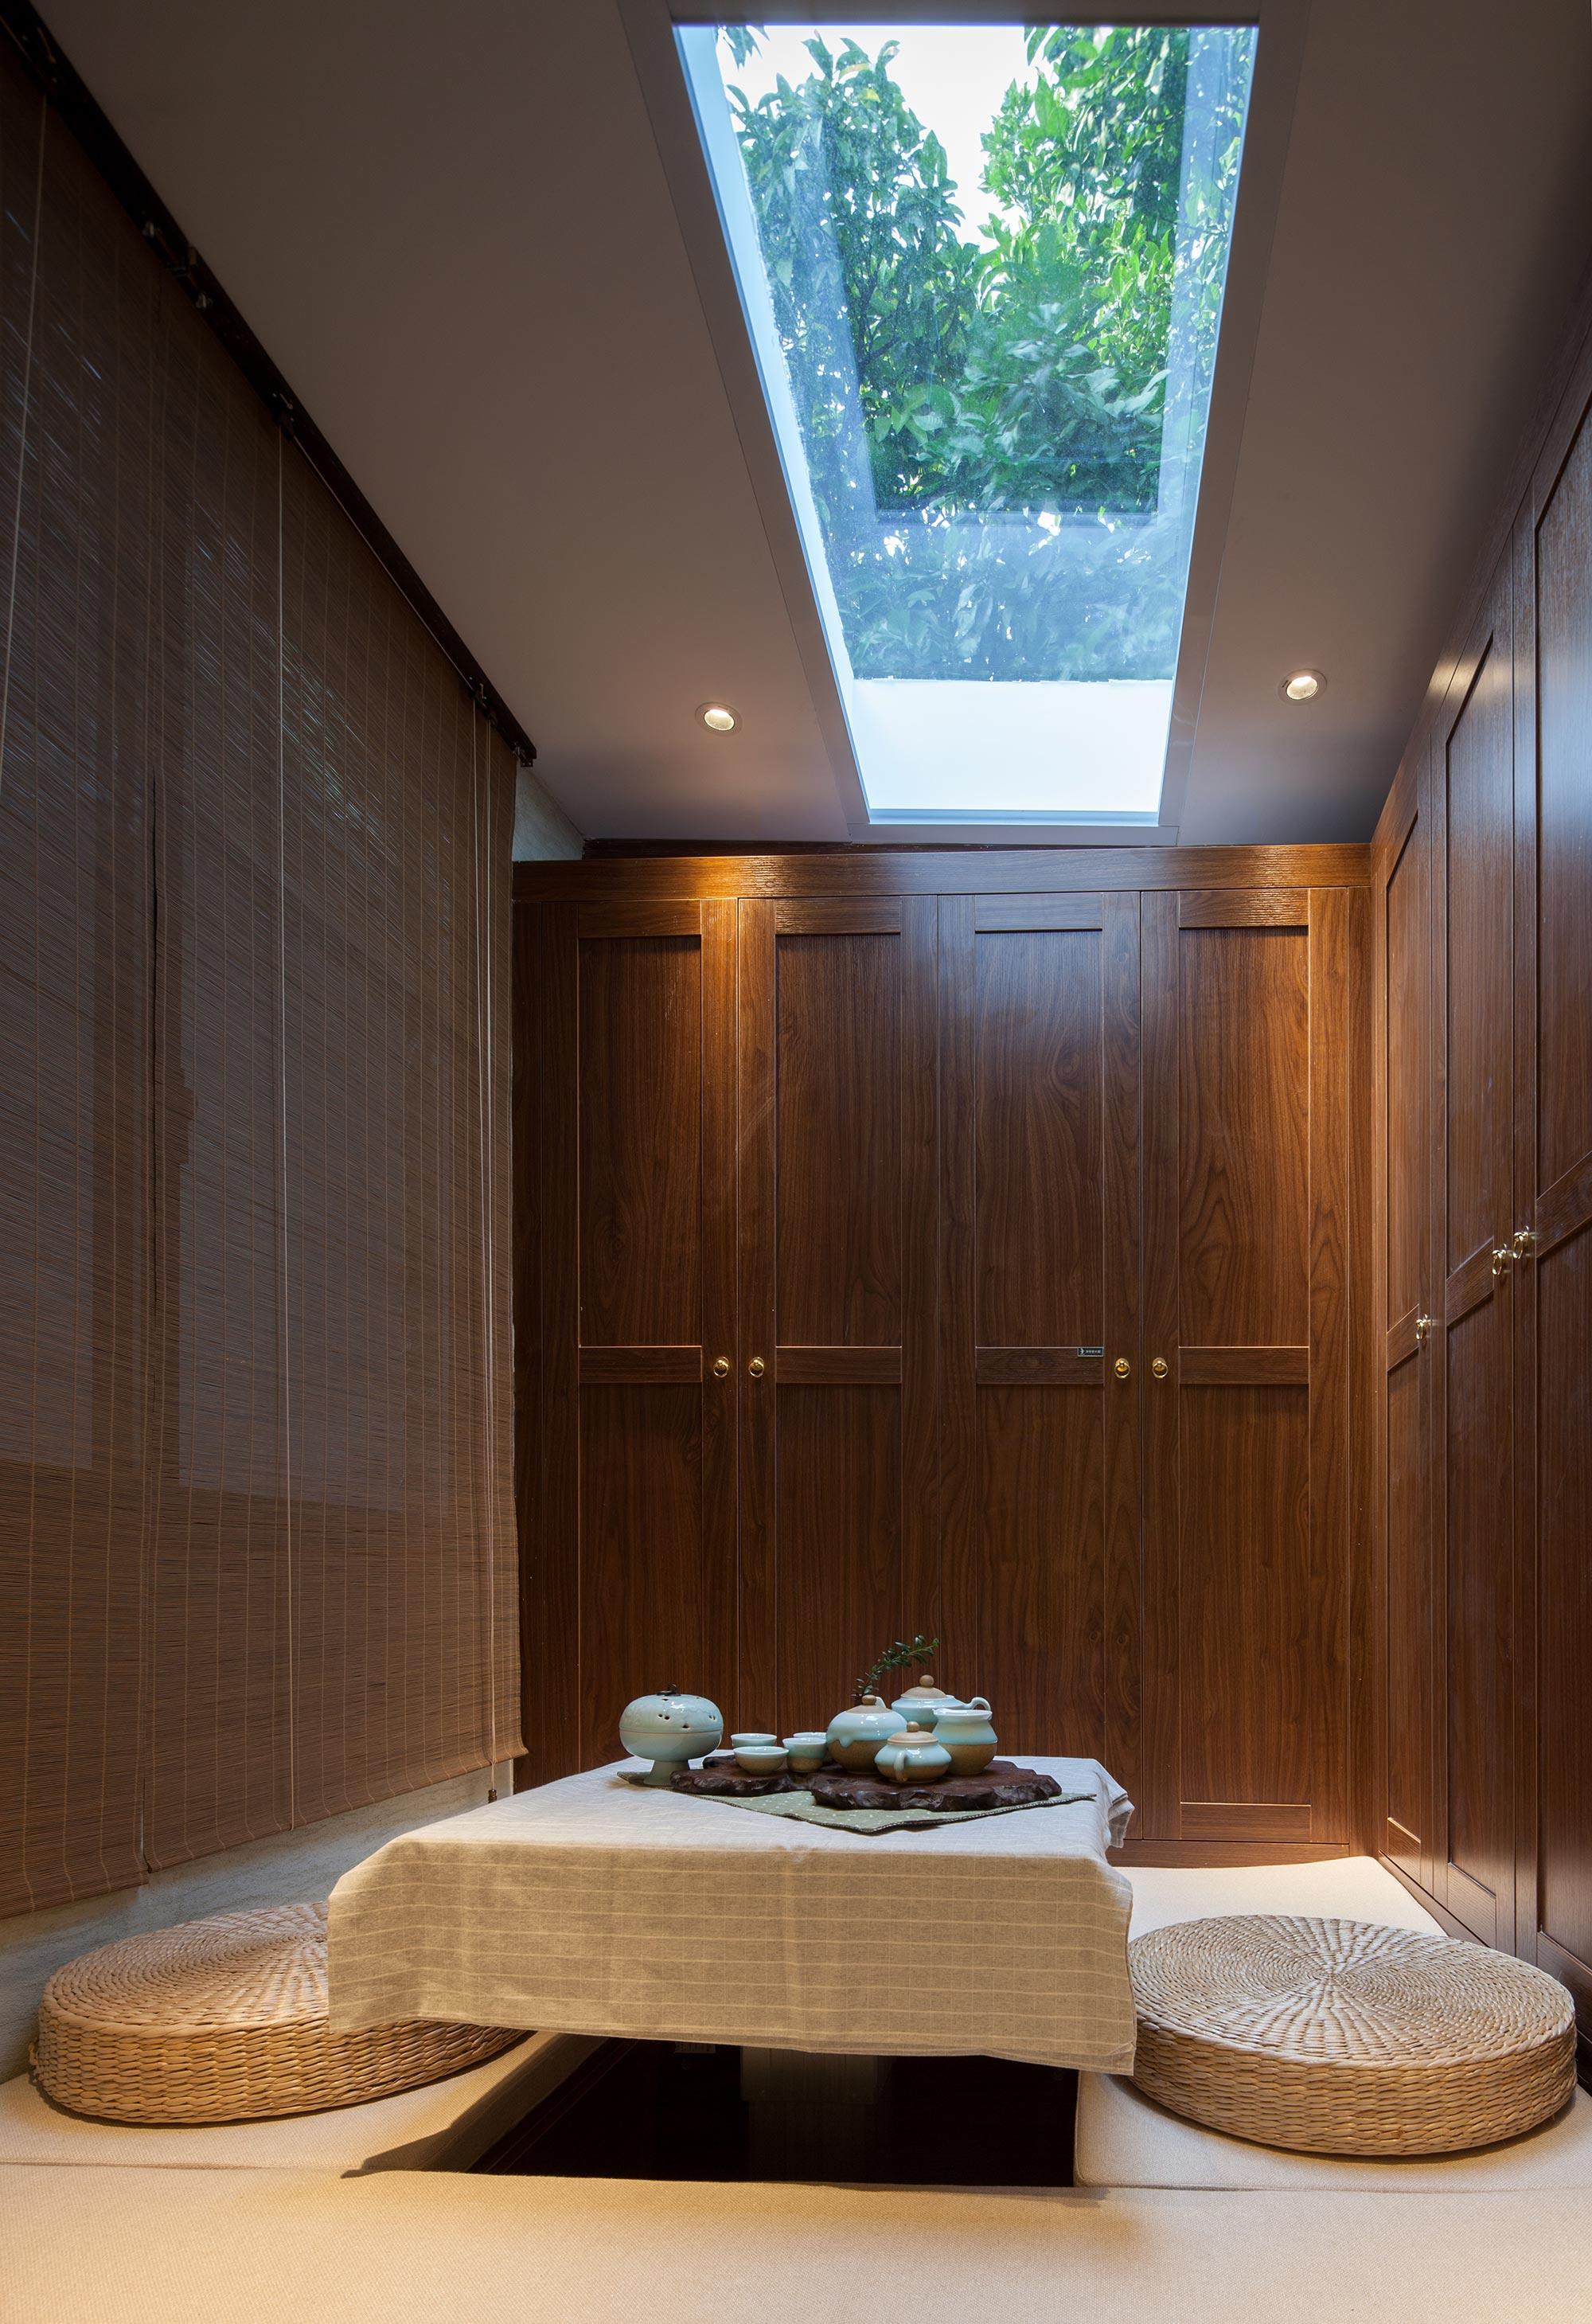 57㎡新中式老宅茶室装修效果图